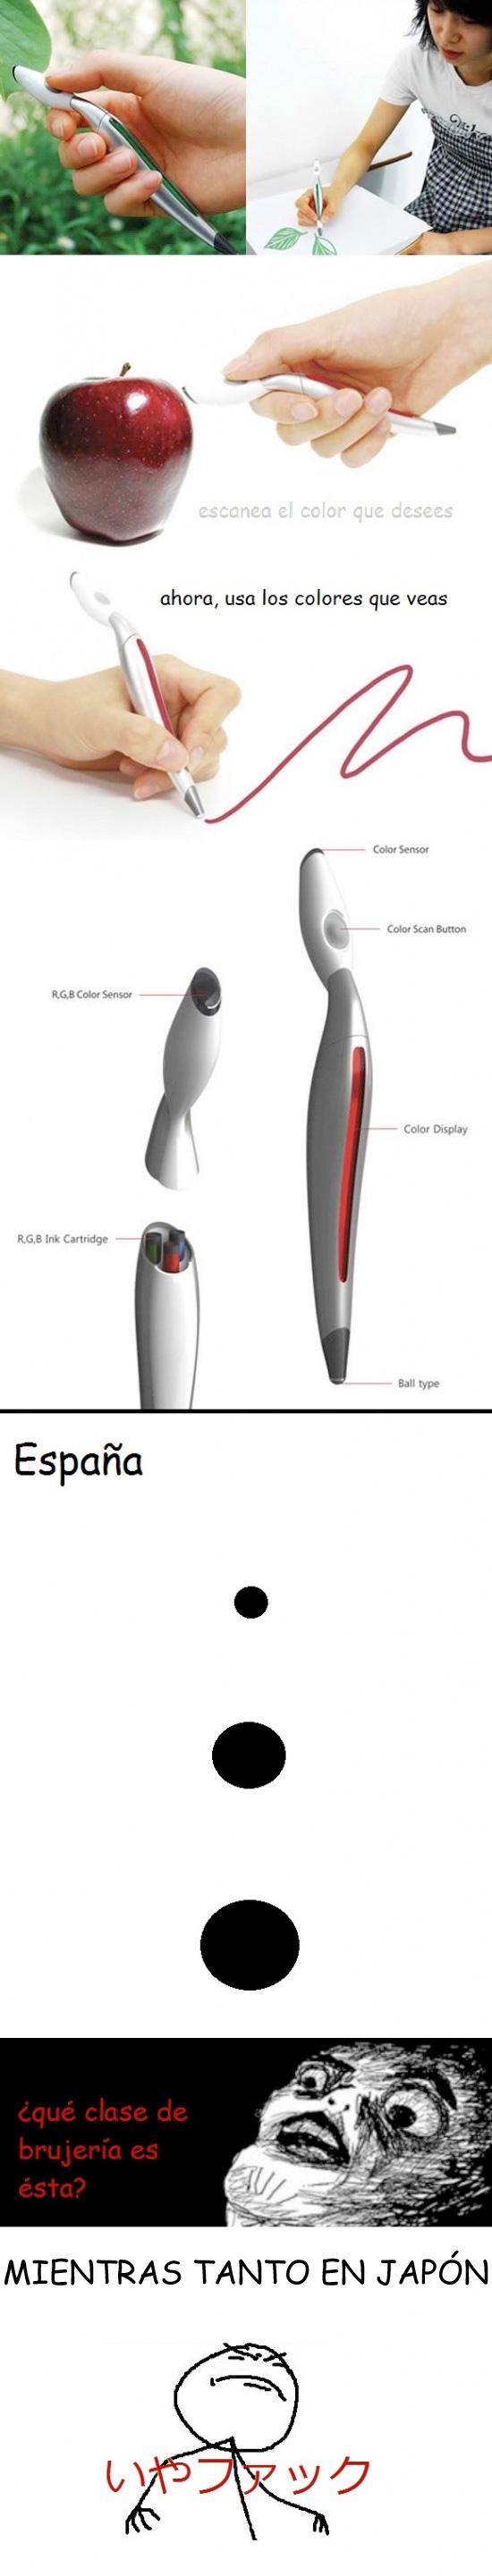 Inglip - Maldita tecnología